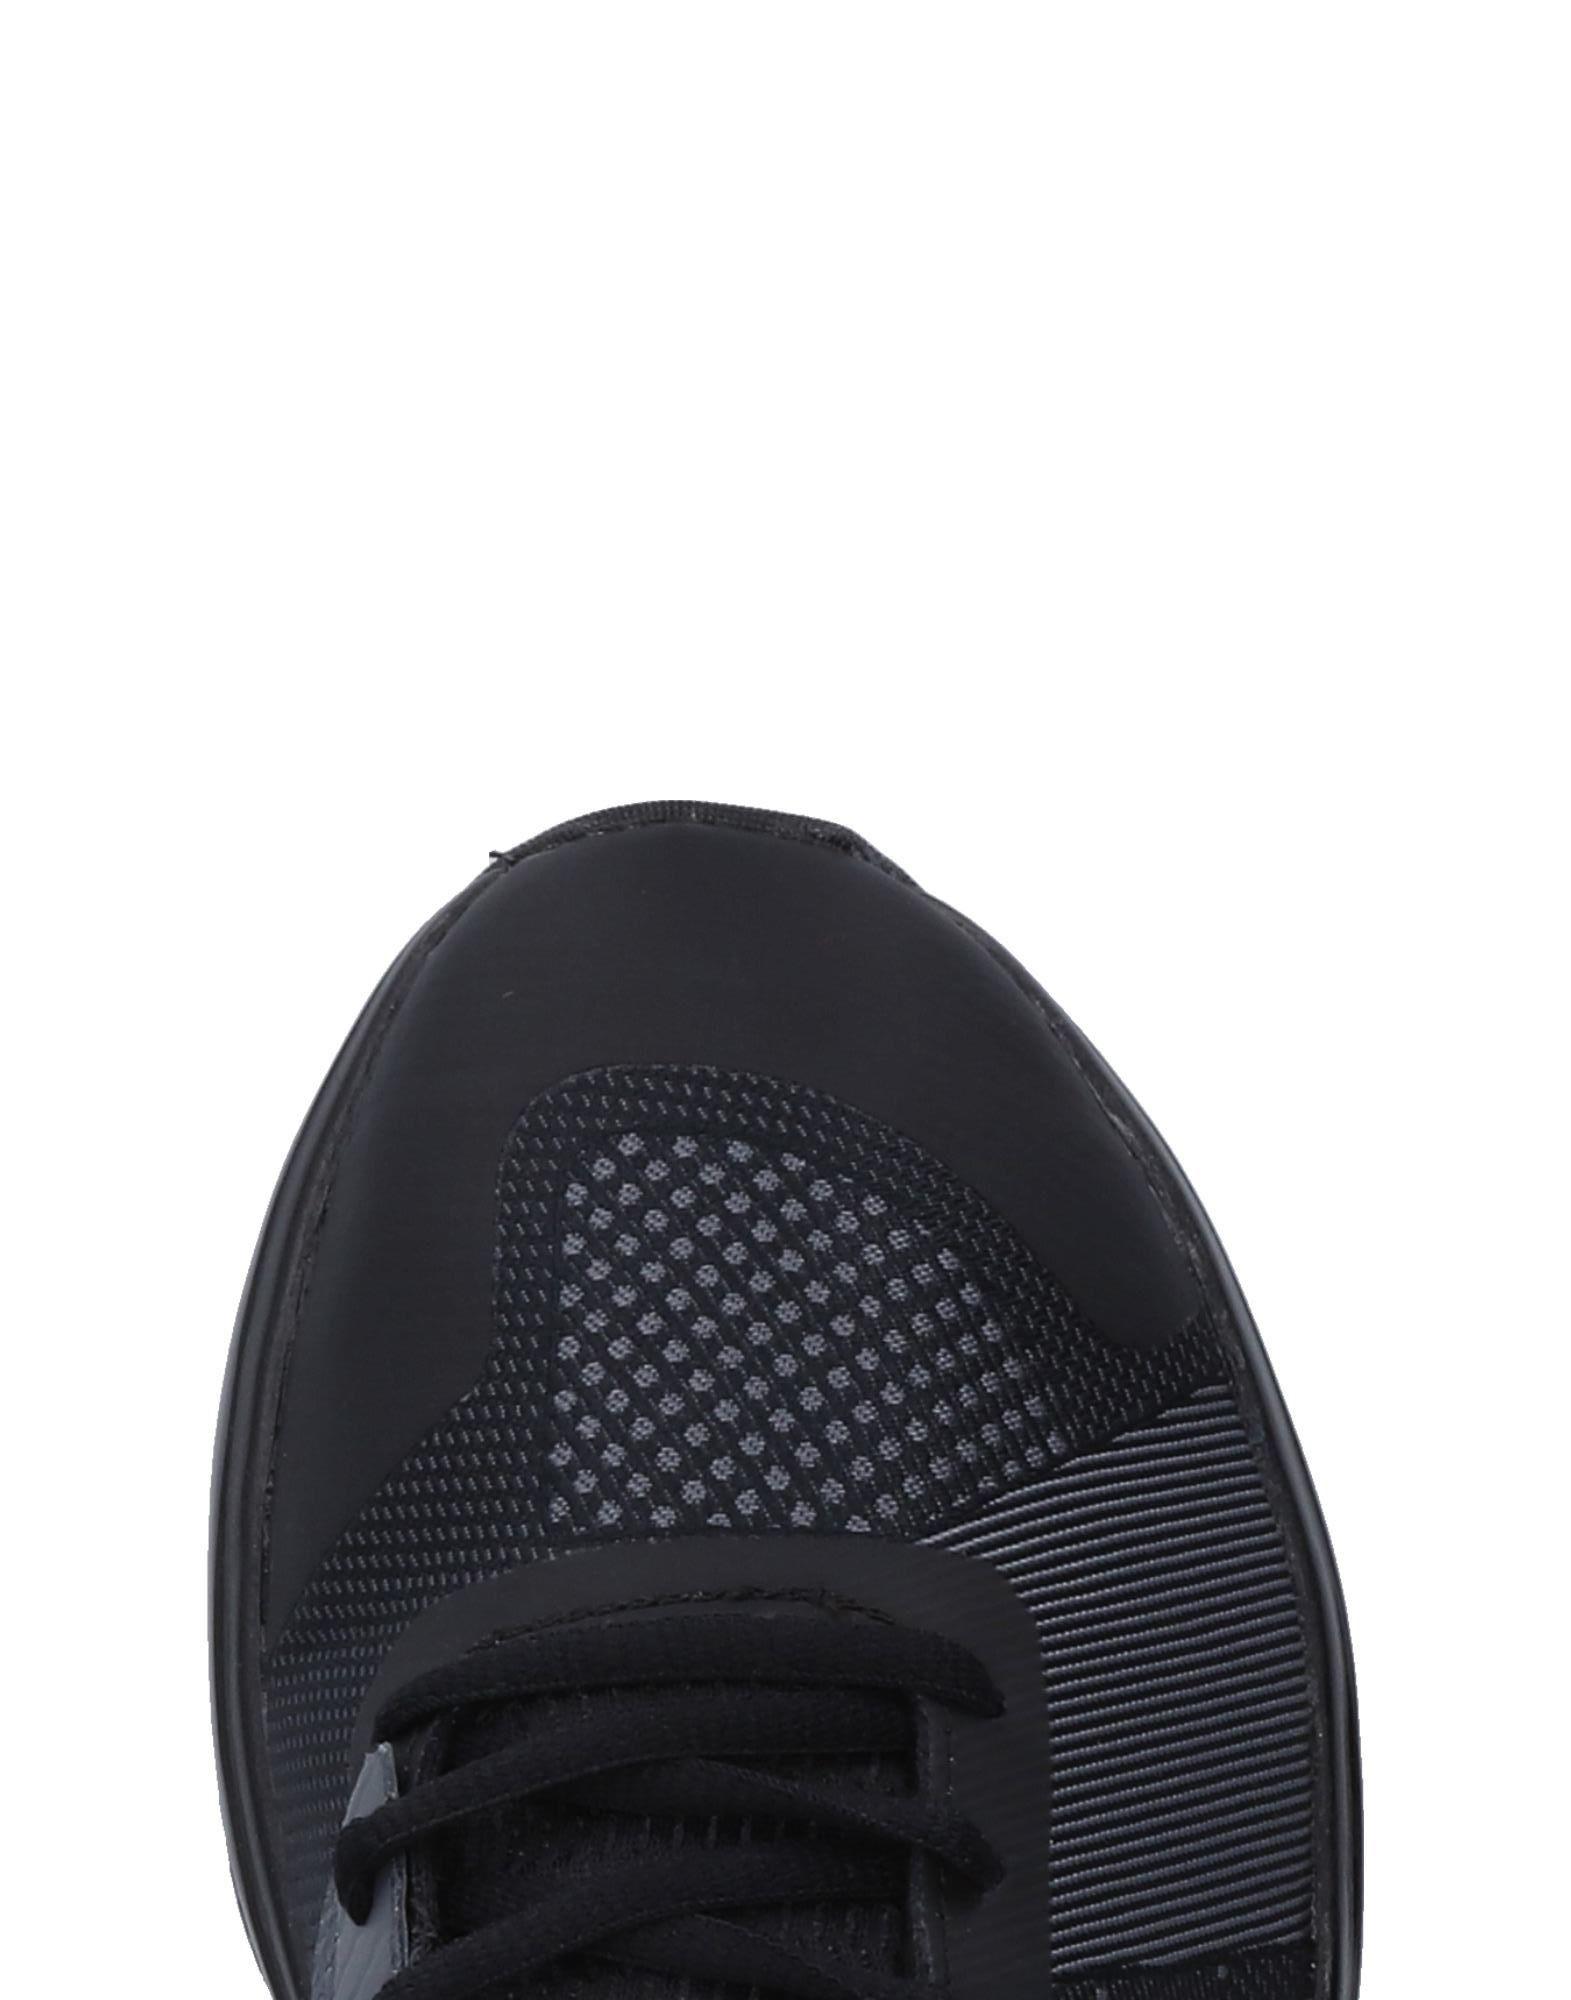 Under Armour Sneakers Damen beliebte  11519893PK Gute Qualität beliebte Damen Schuhe 497a9c